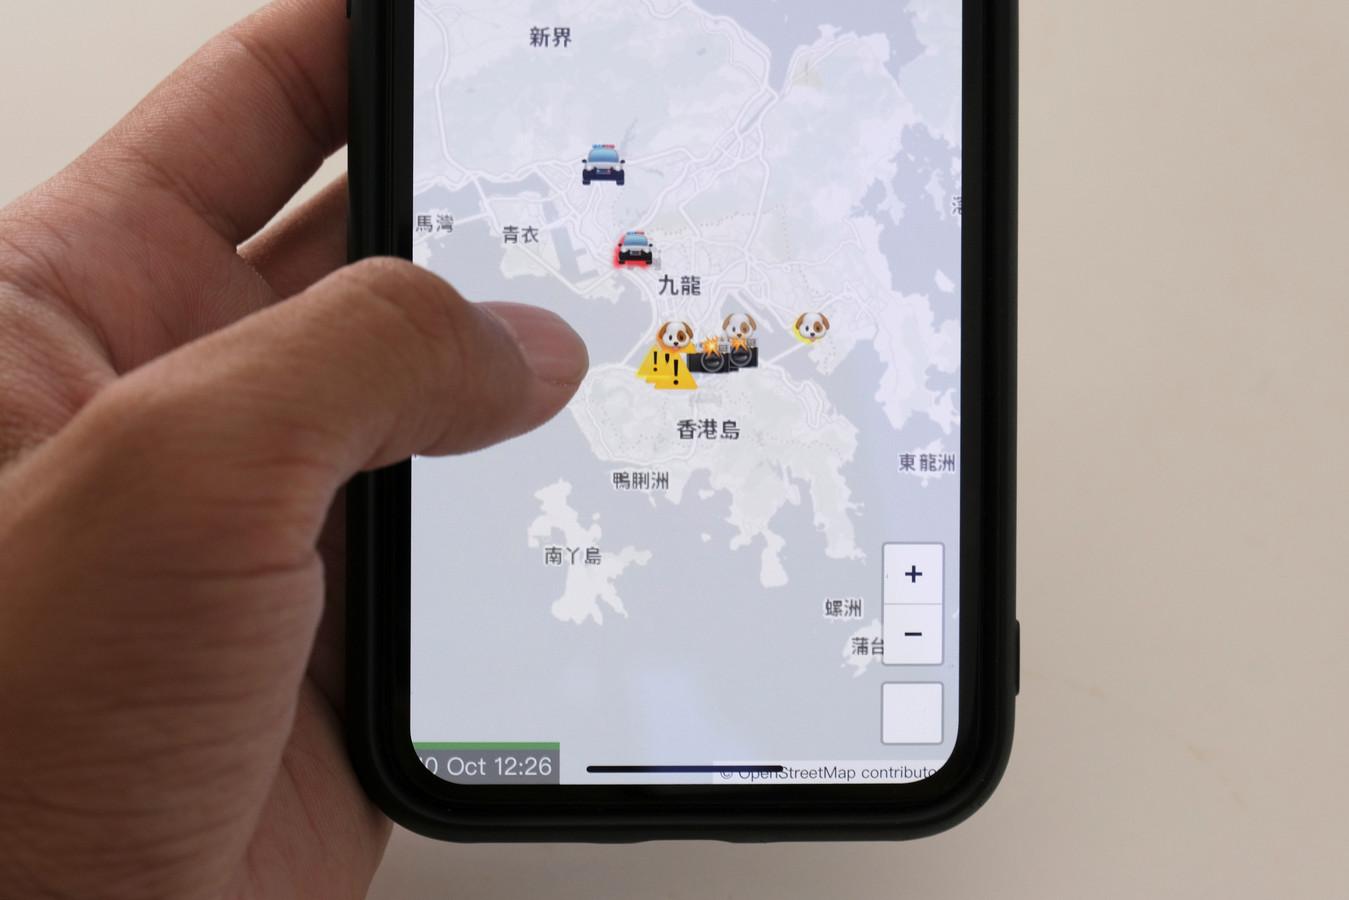 """Dans un communiqué, les concepteurs de HongKongmap.live ont indiqué qu'Apple leur avait dit que cette application """"mettait en péril le maintien de l'ordre et les habitants de Hong Kong""""."""